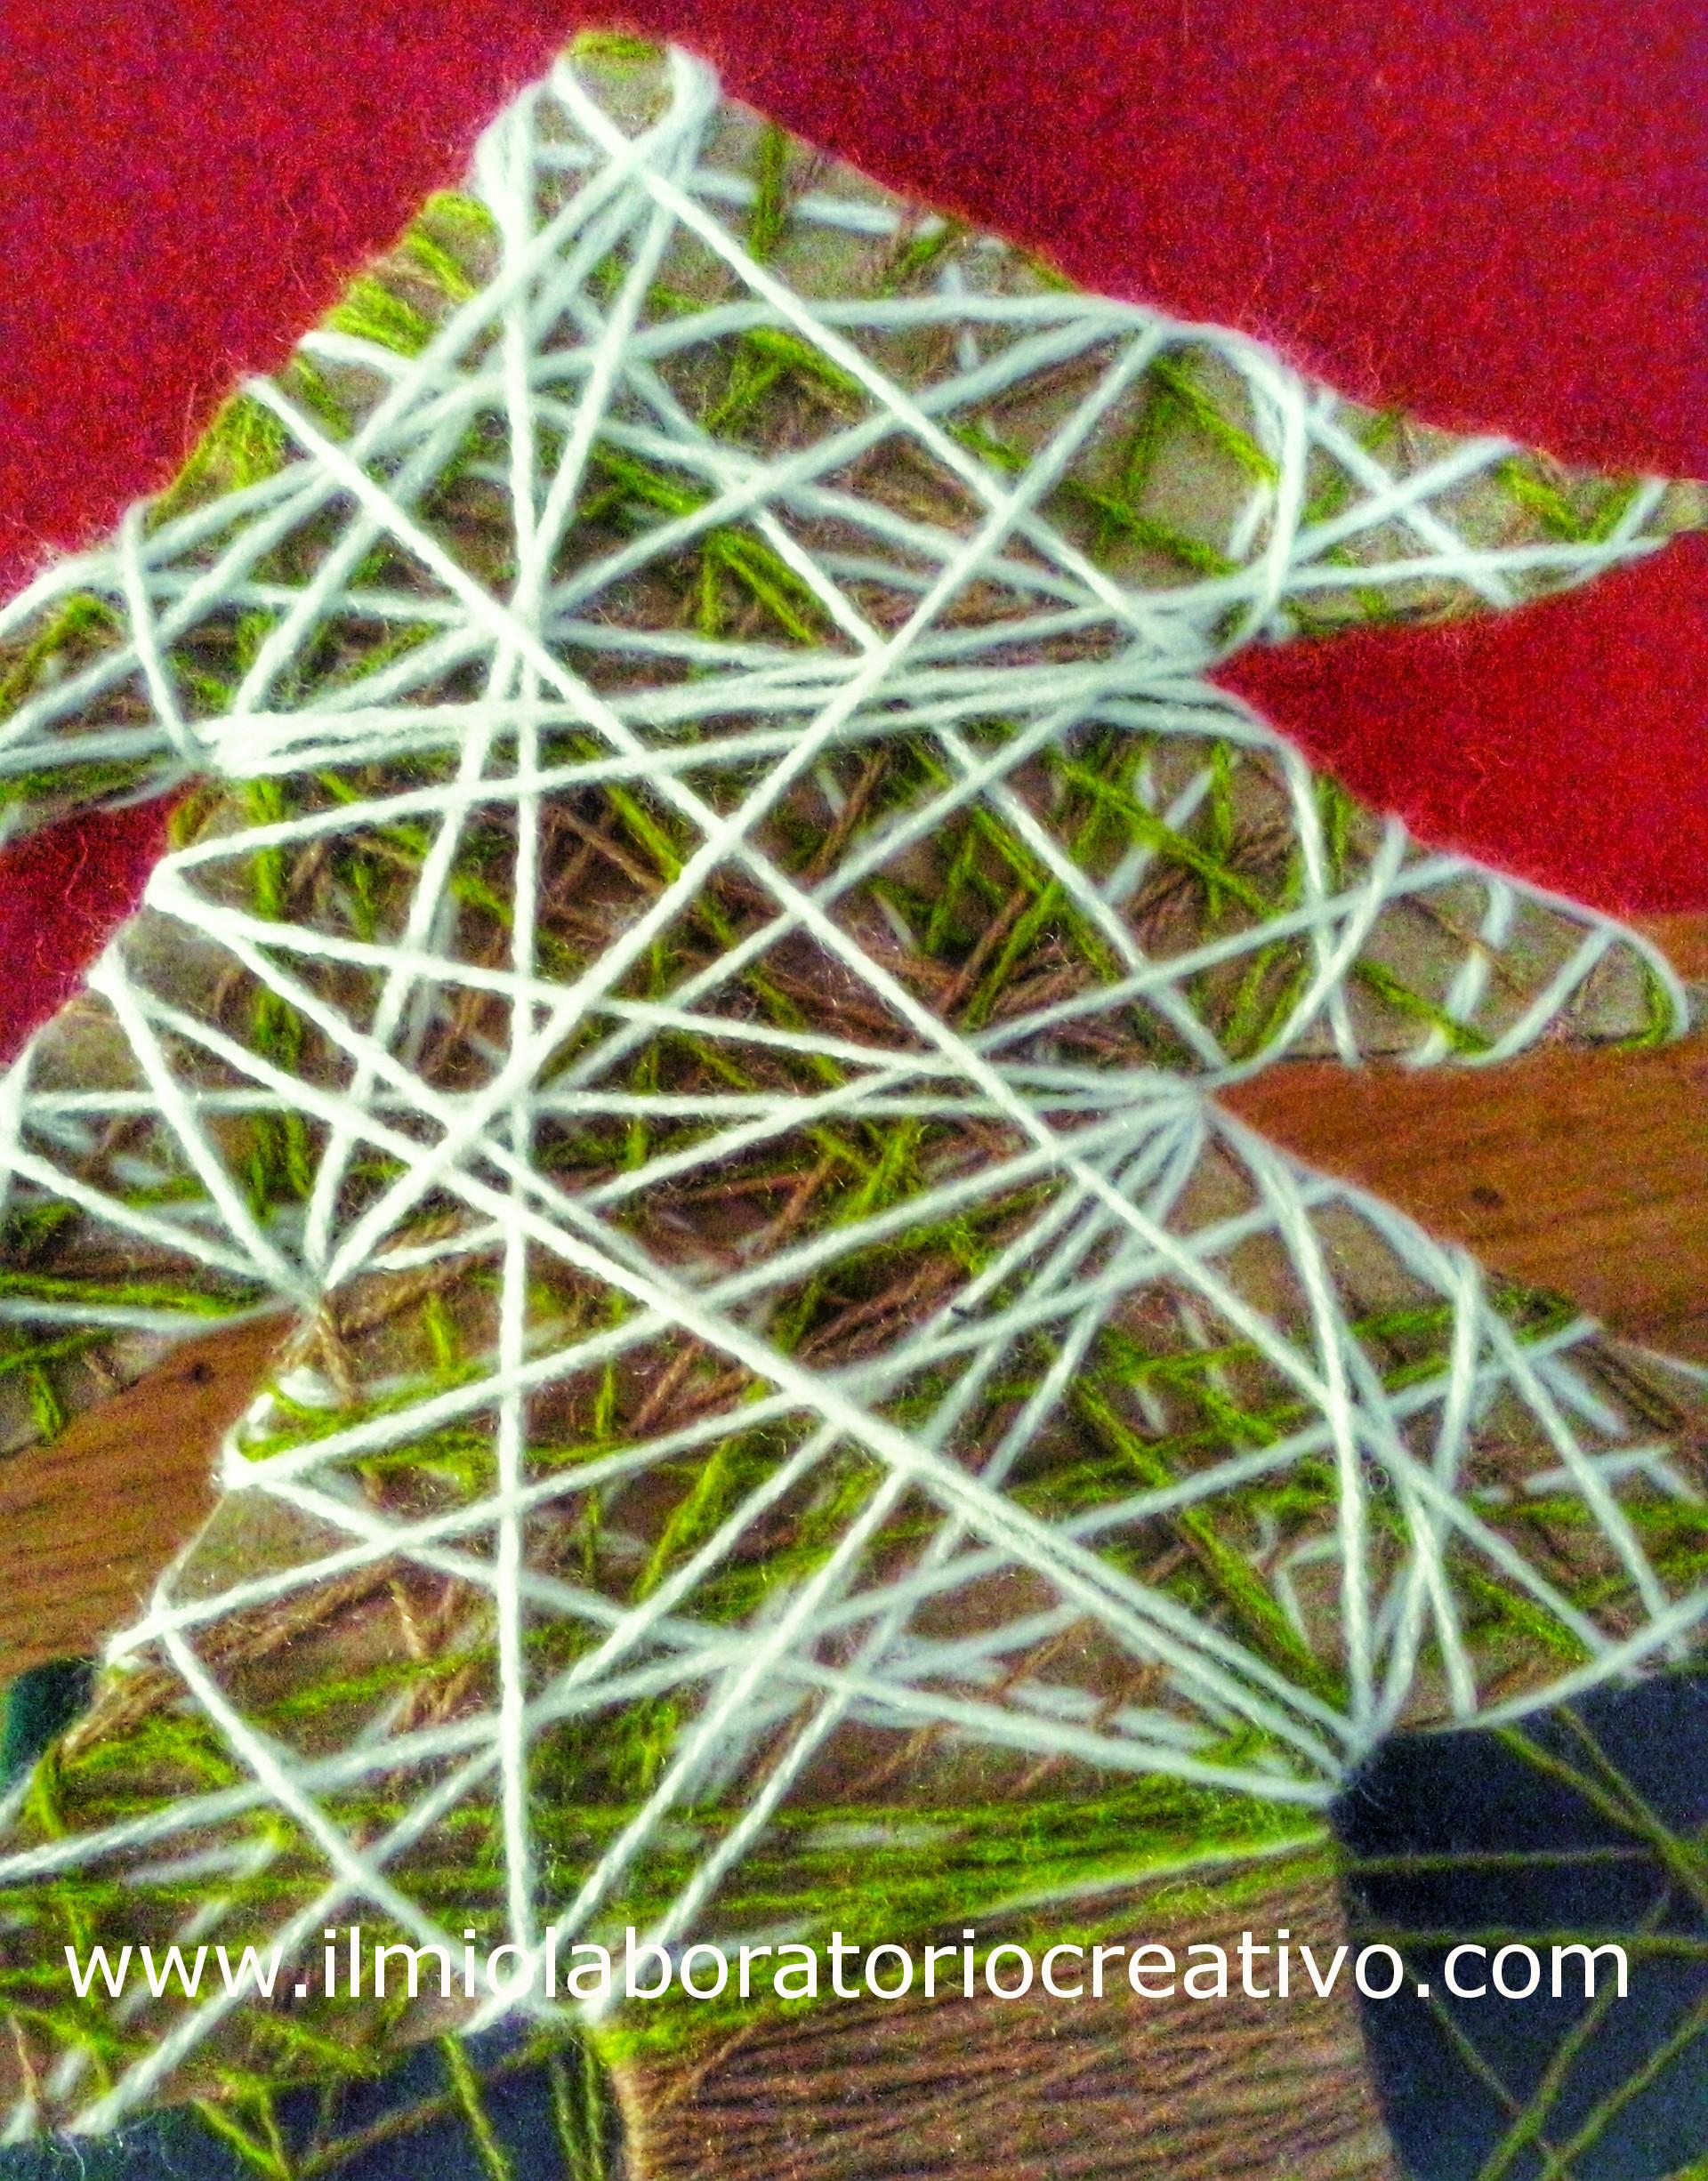 idee natalizie per bambini….con filo di lana